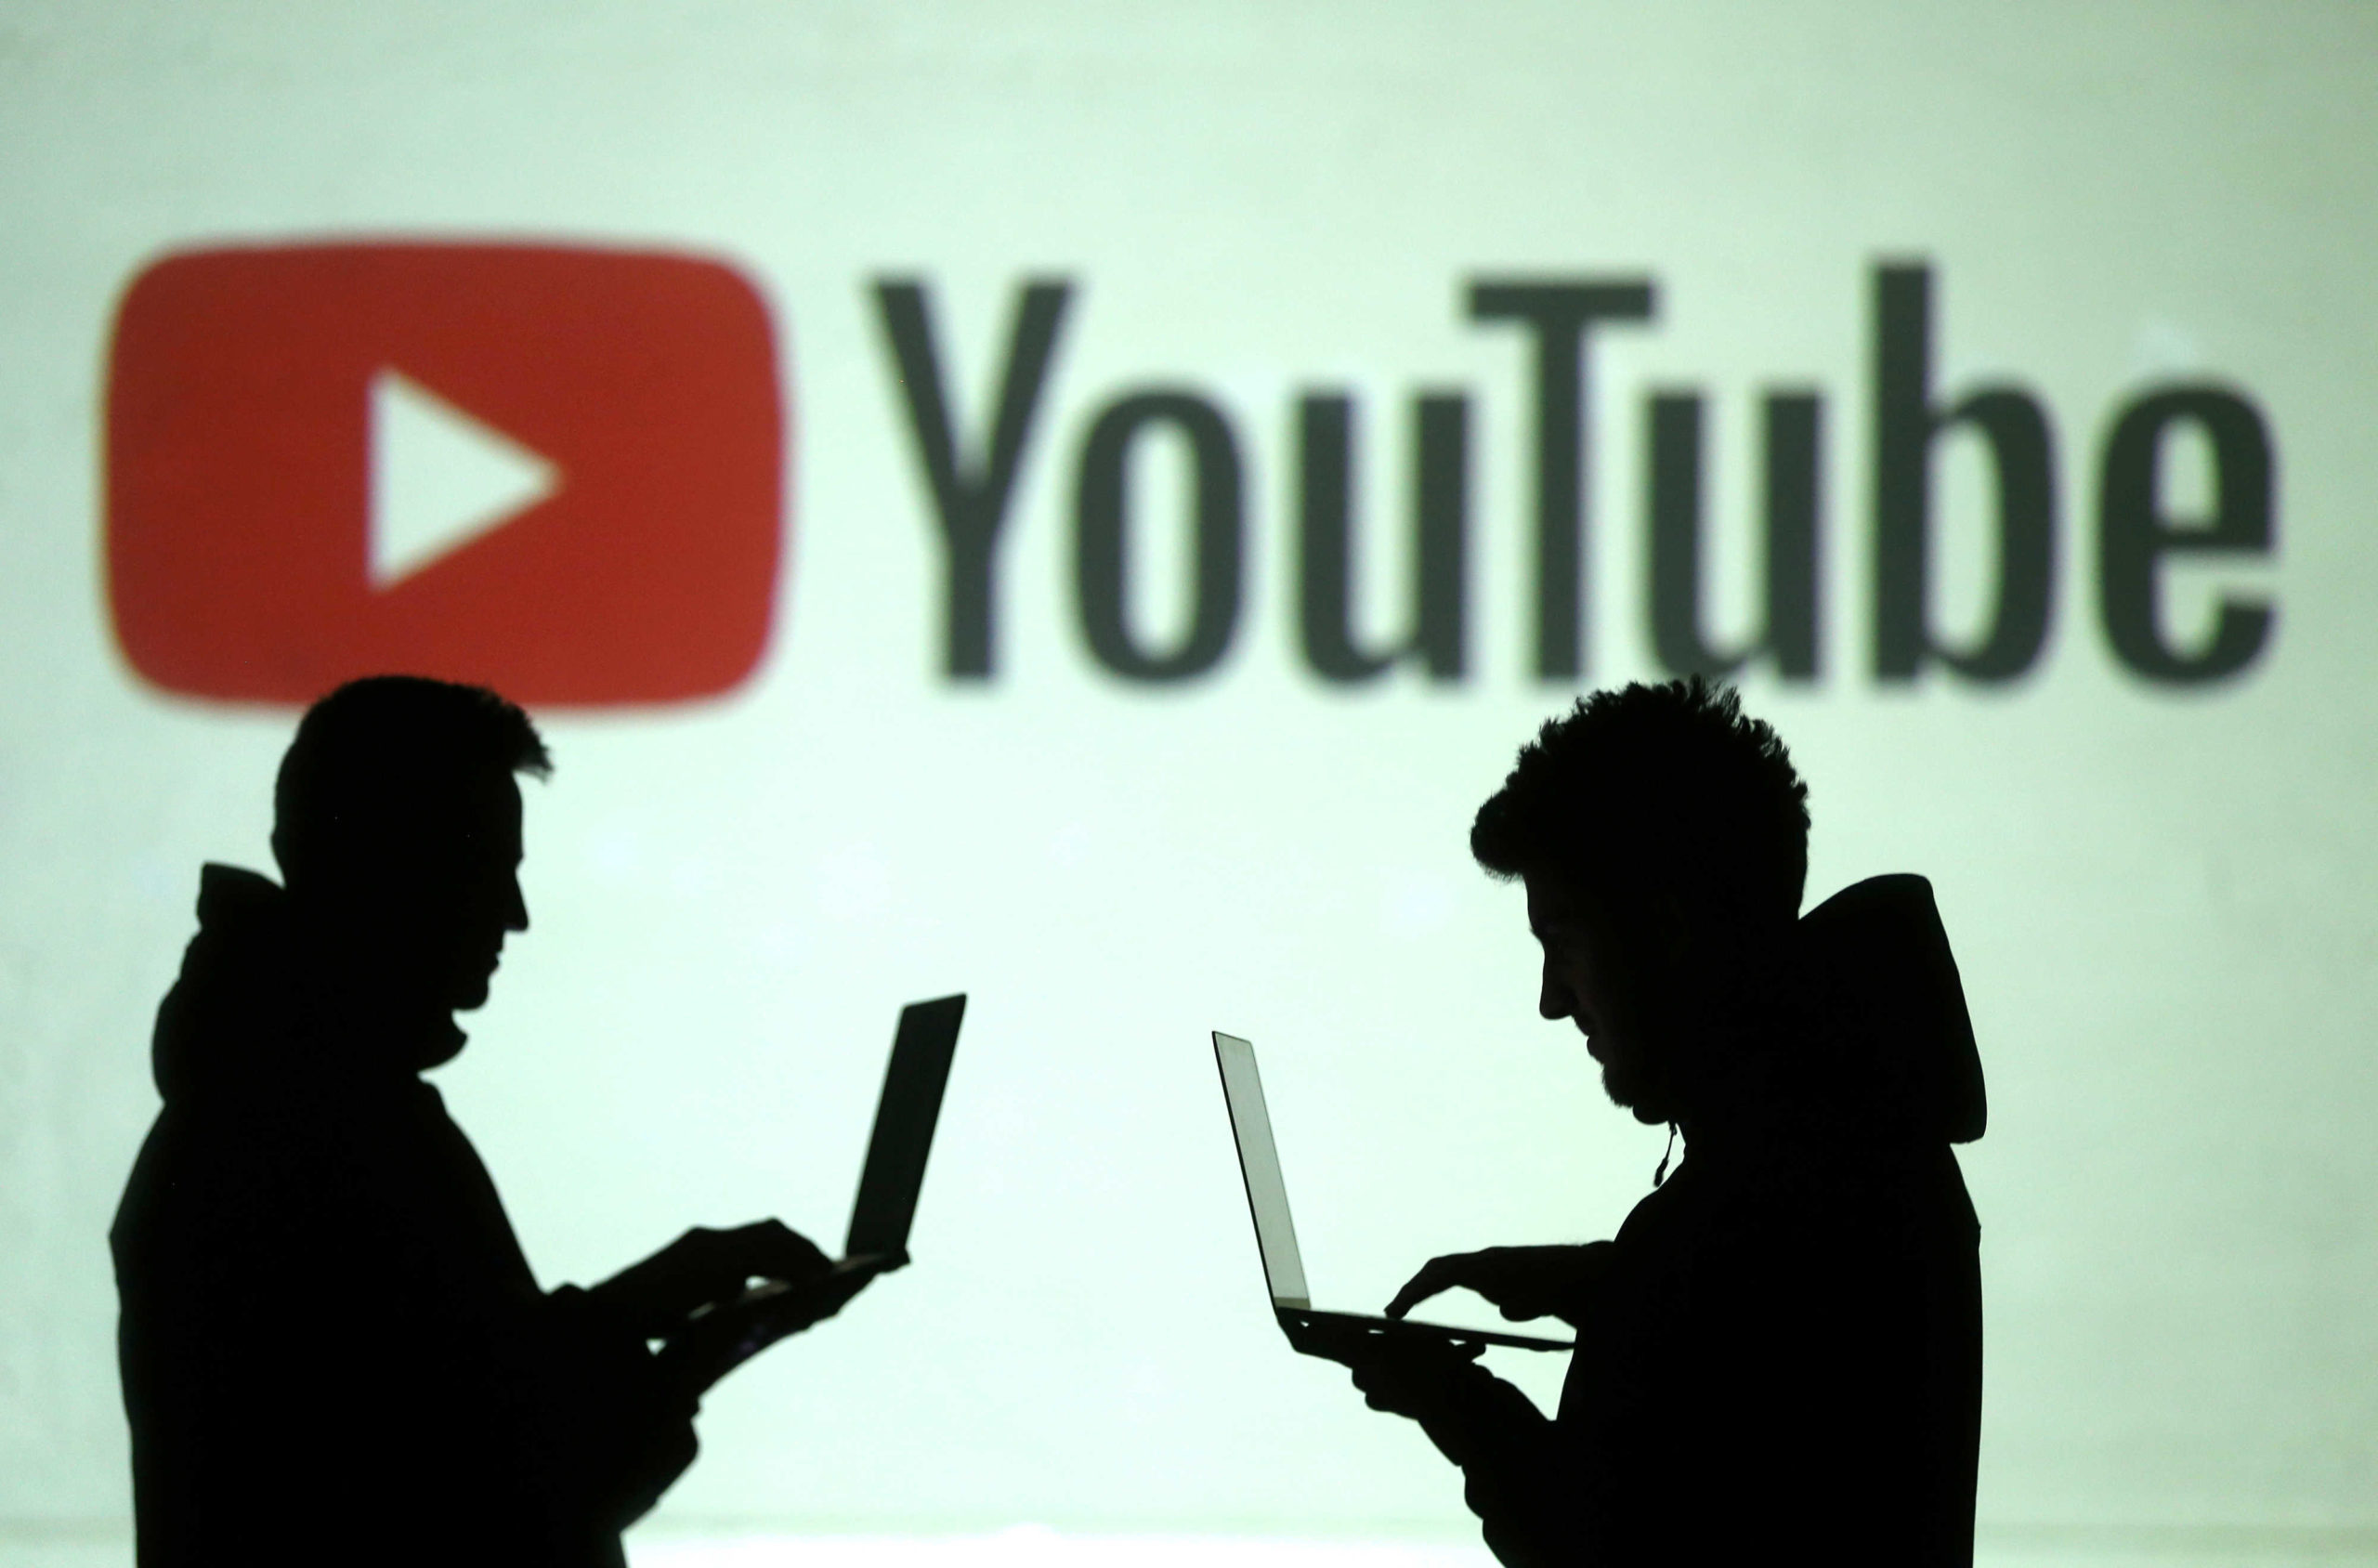 يوتوب يطلق خدمة جديدة